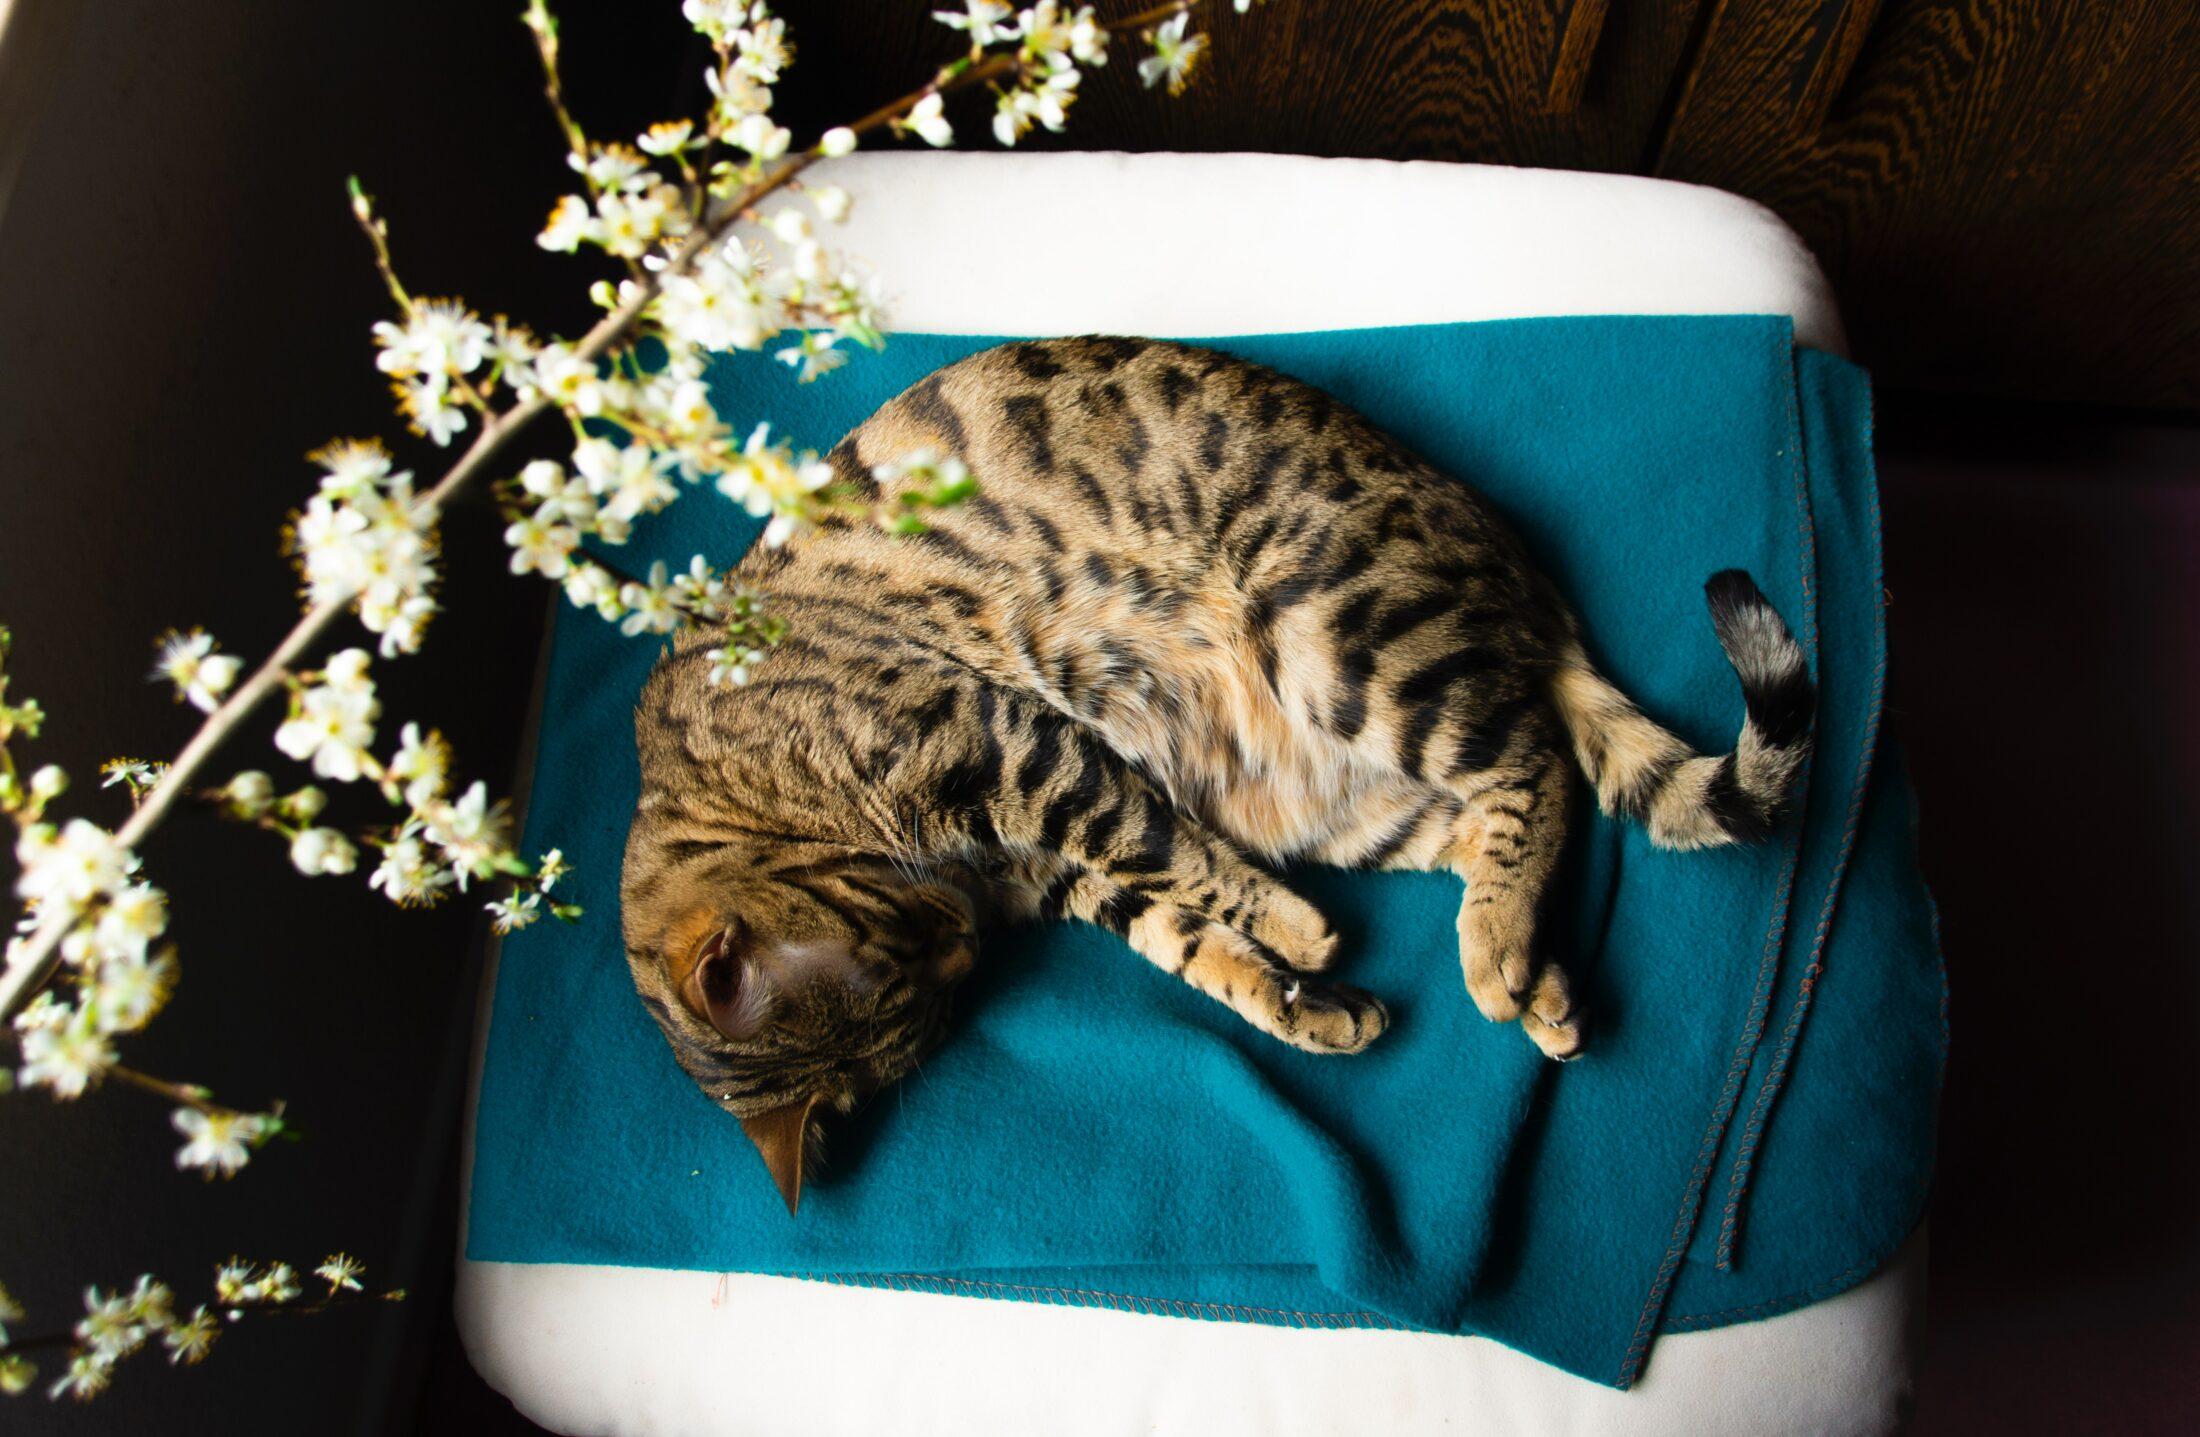 Em dos tipos de relacionamentos em que o gato depende emocionalmente do humano de vice versa.